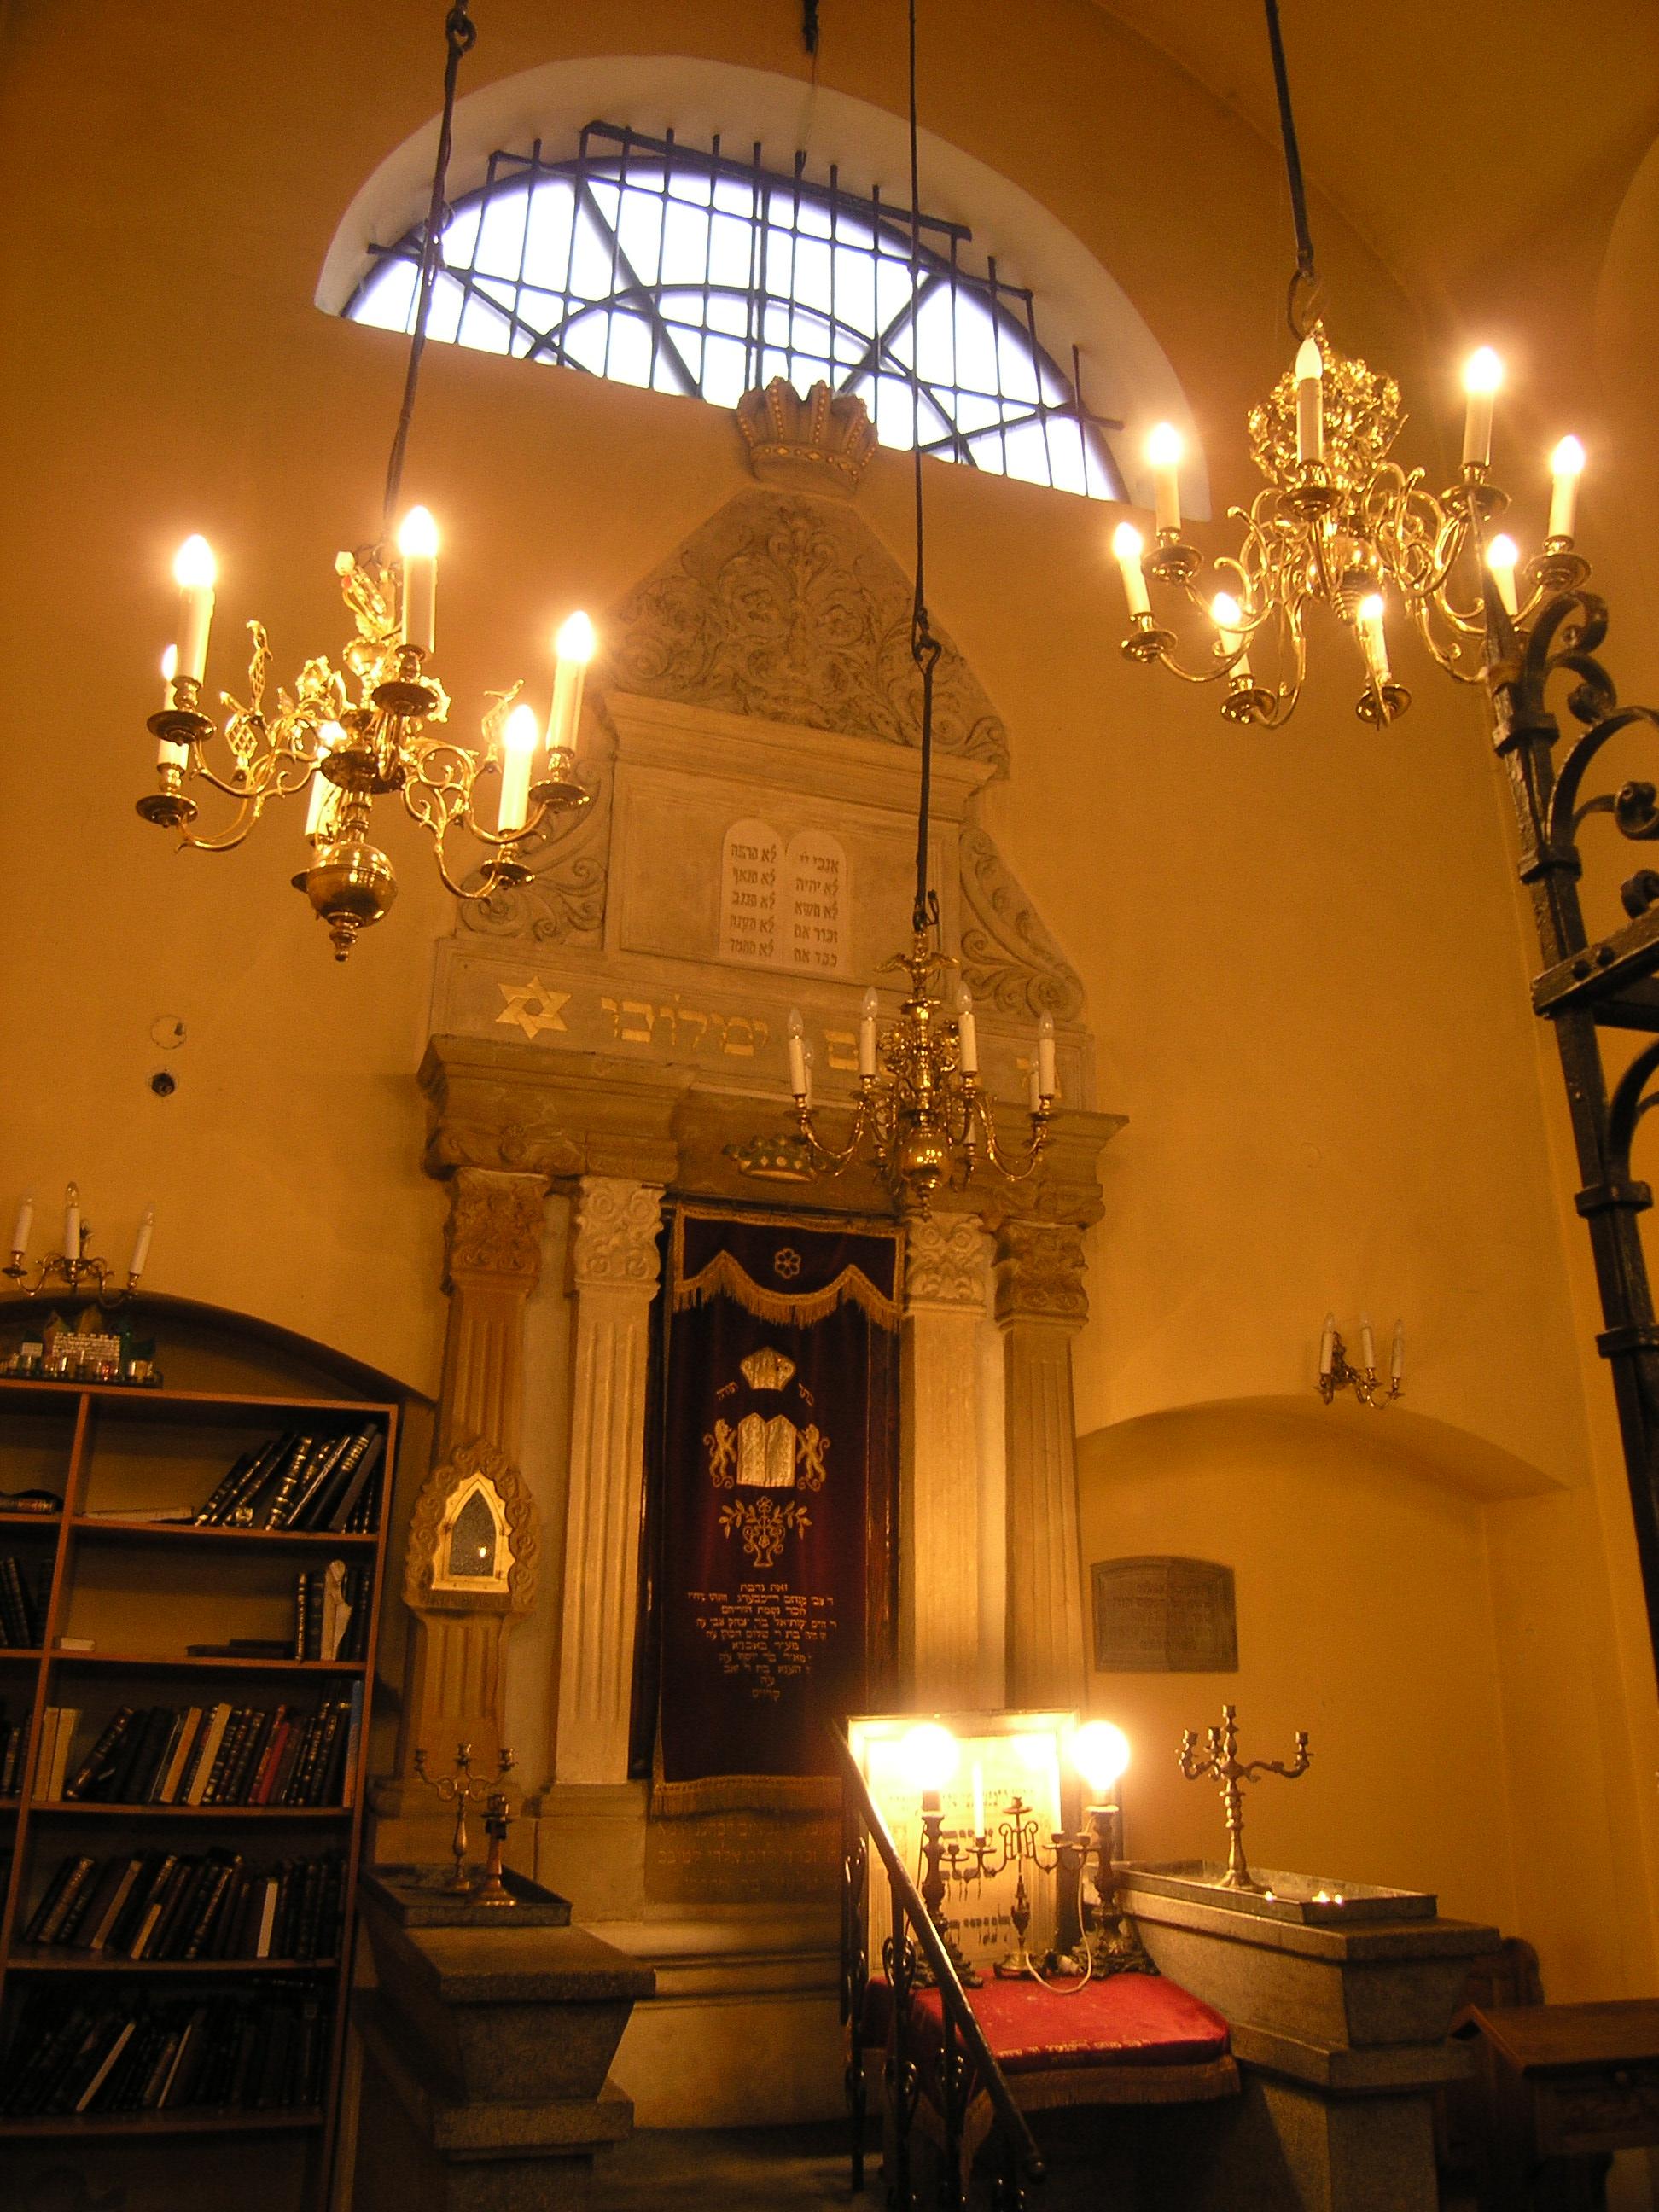 datei innenansicht der remuh synagoge krakau polen jpg wikipedia. Black Bedroom Furniture Sets. Home Design Ideas